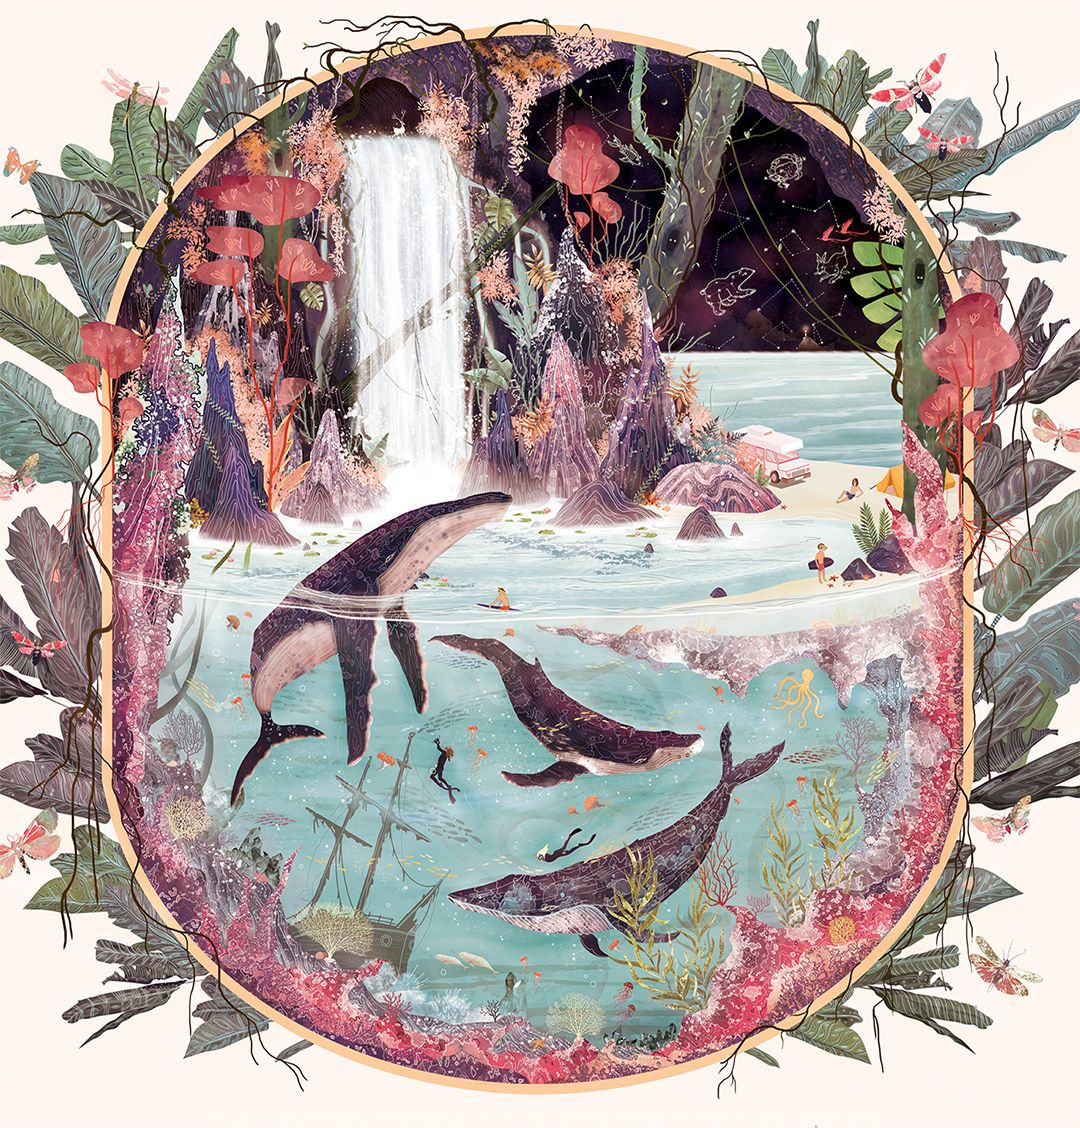 Les Splendeurs de la Nature dans les Illustrations surréalistes de Svabhu Kohli